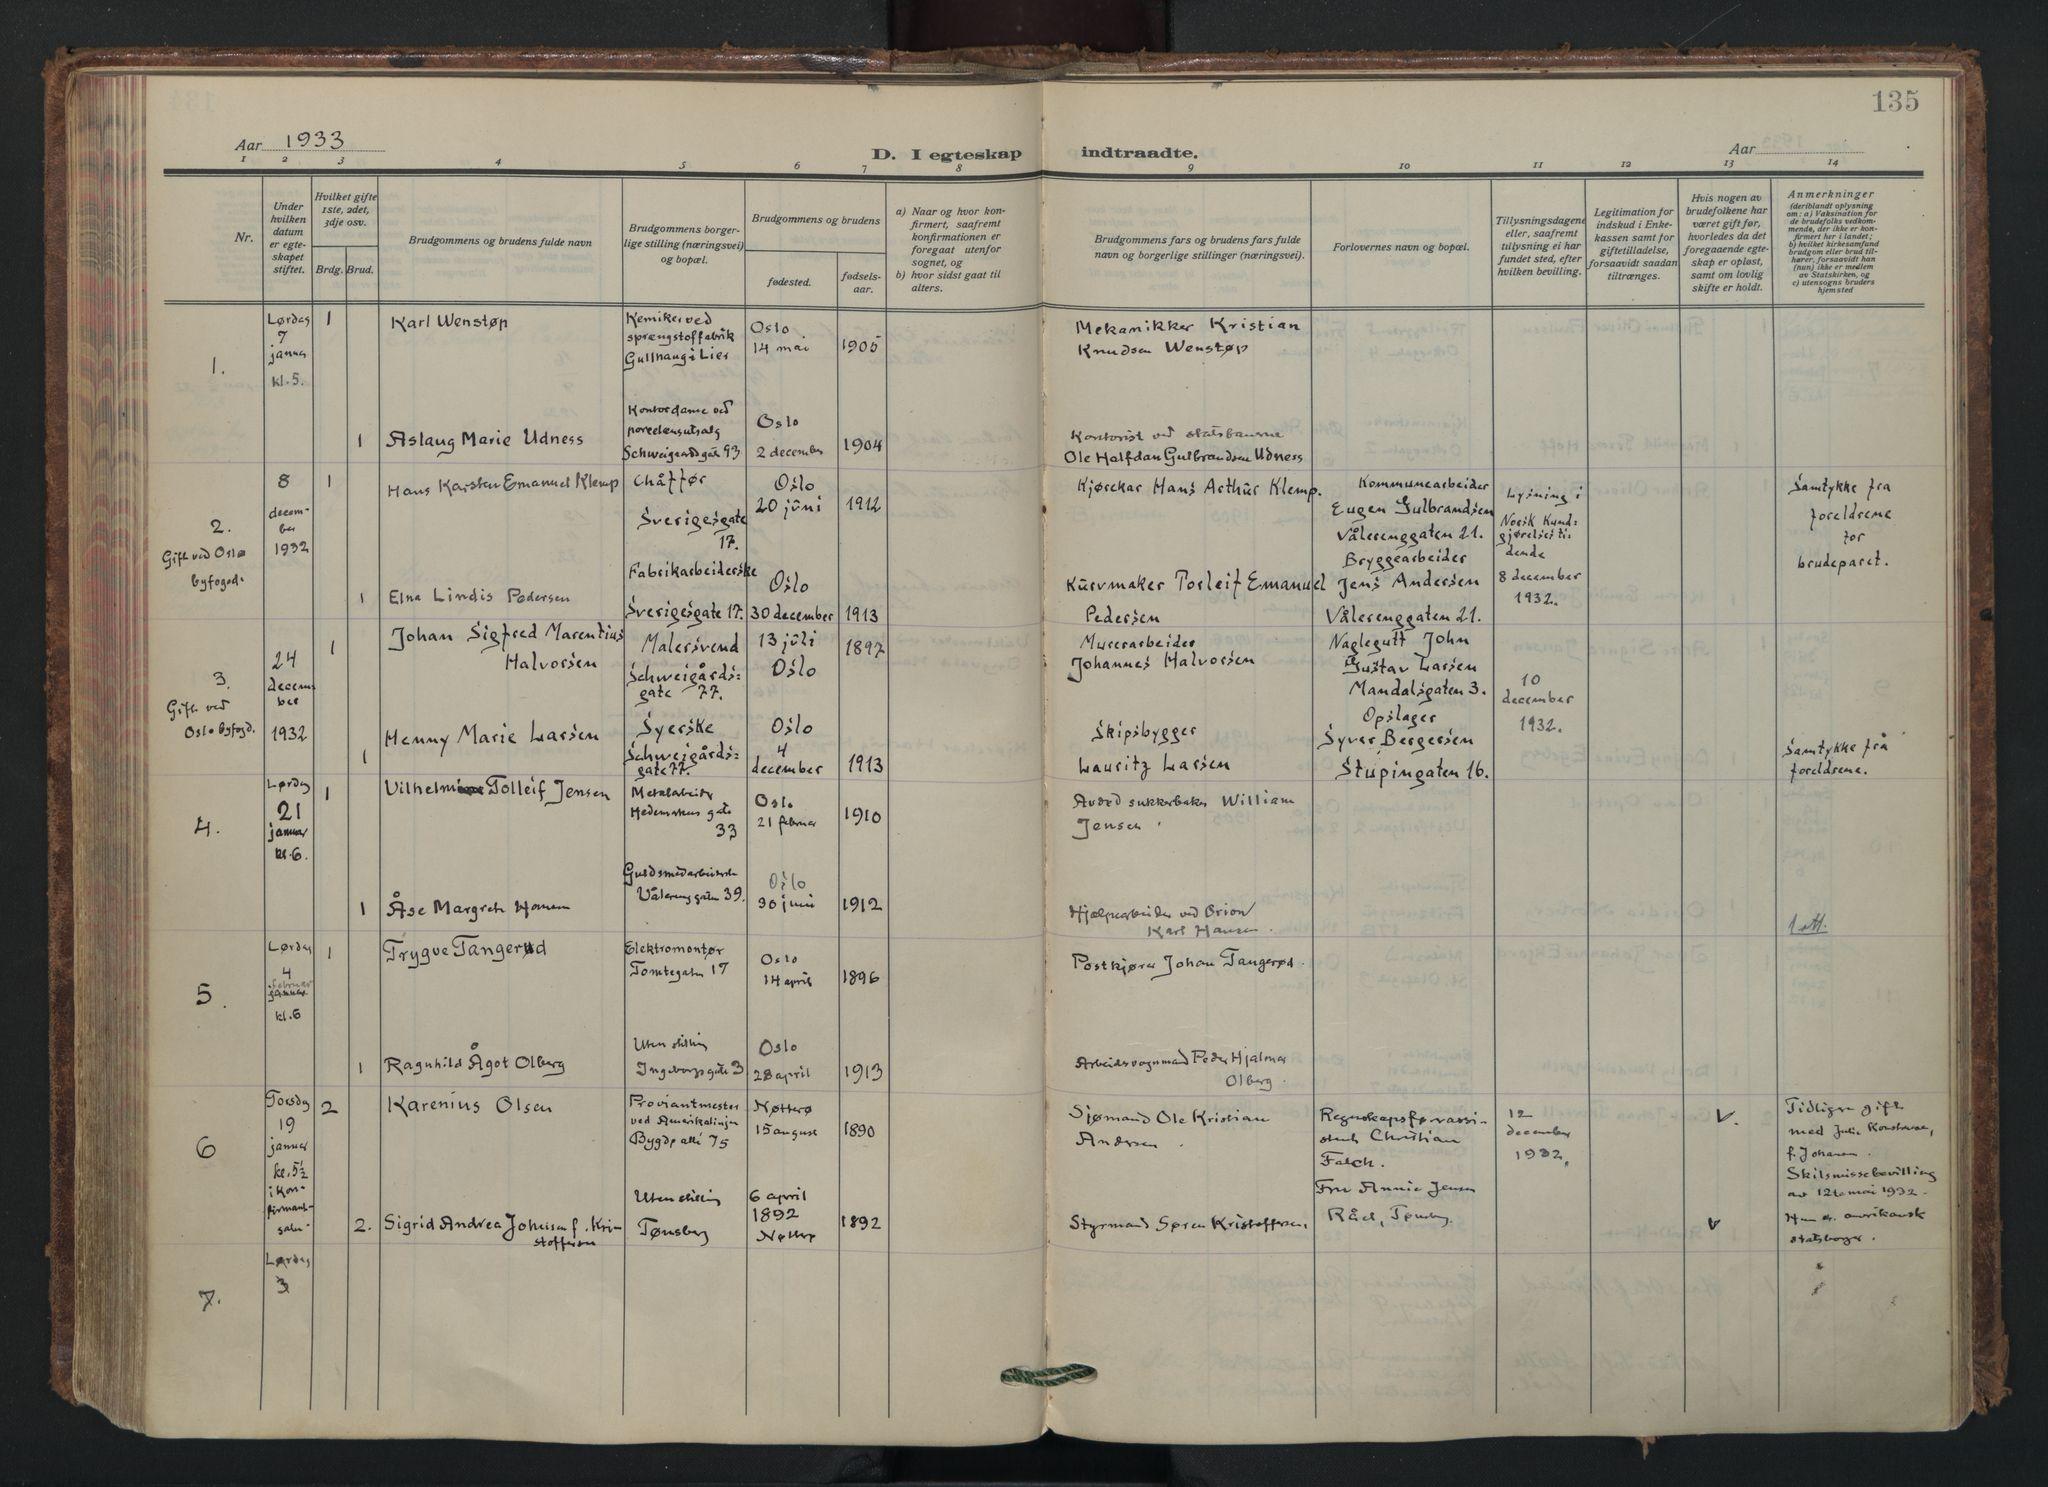 SAO, Vålerengen prestekontor Kirkebøker, F/Fa/L0005: Ministerialbok nr. 5, 1924-1936, s. 135